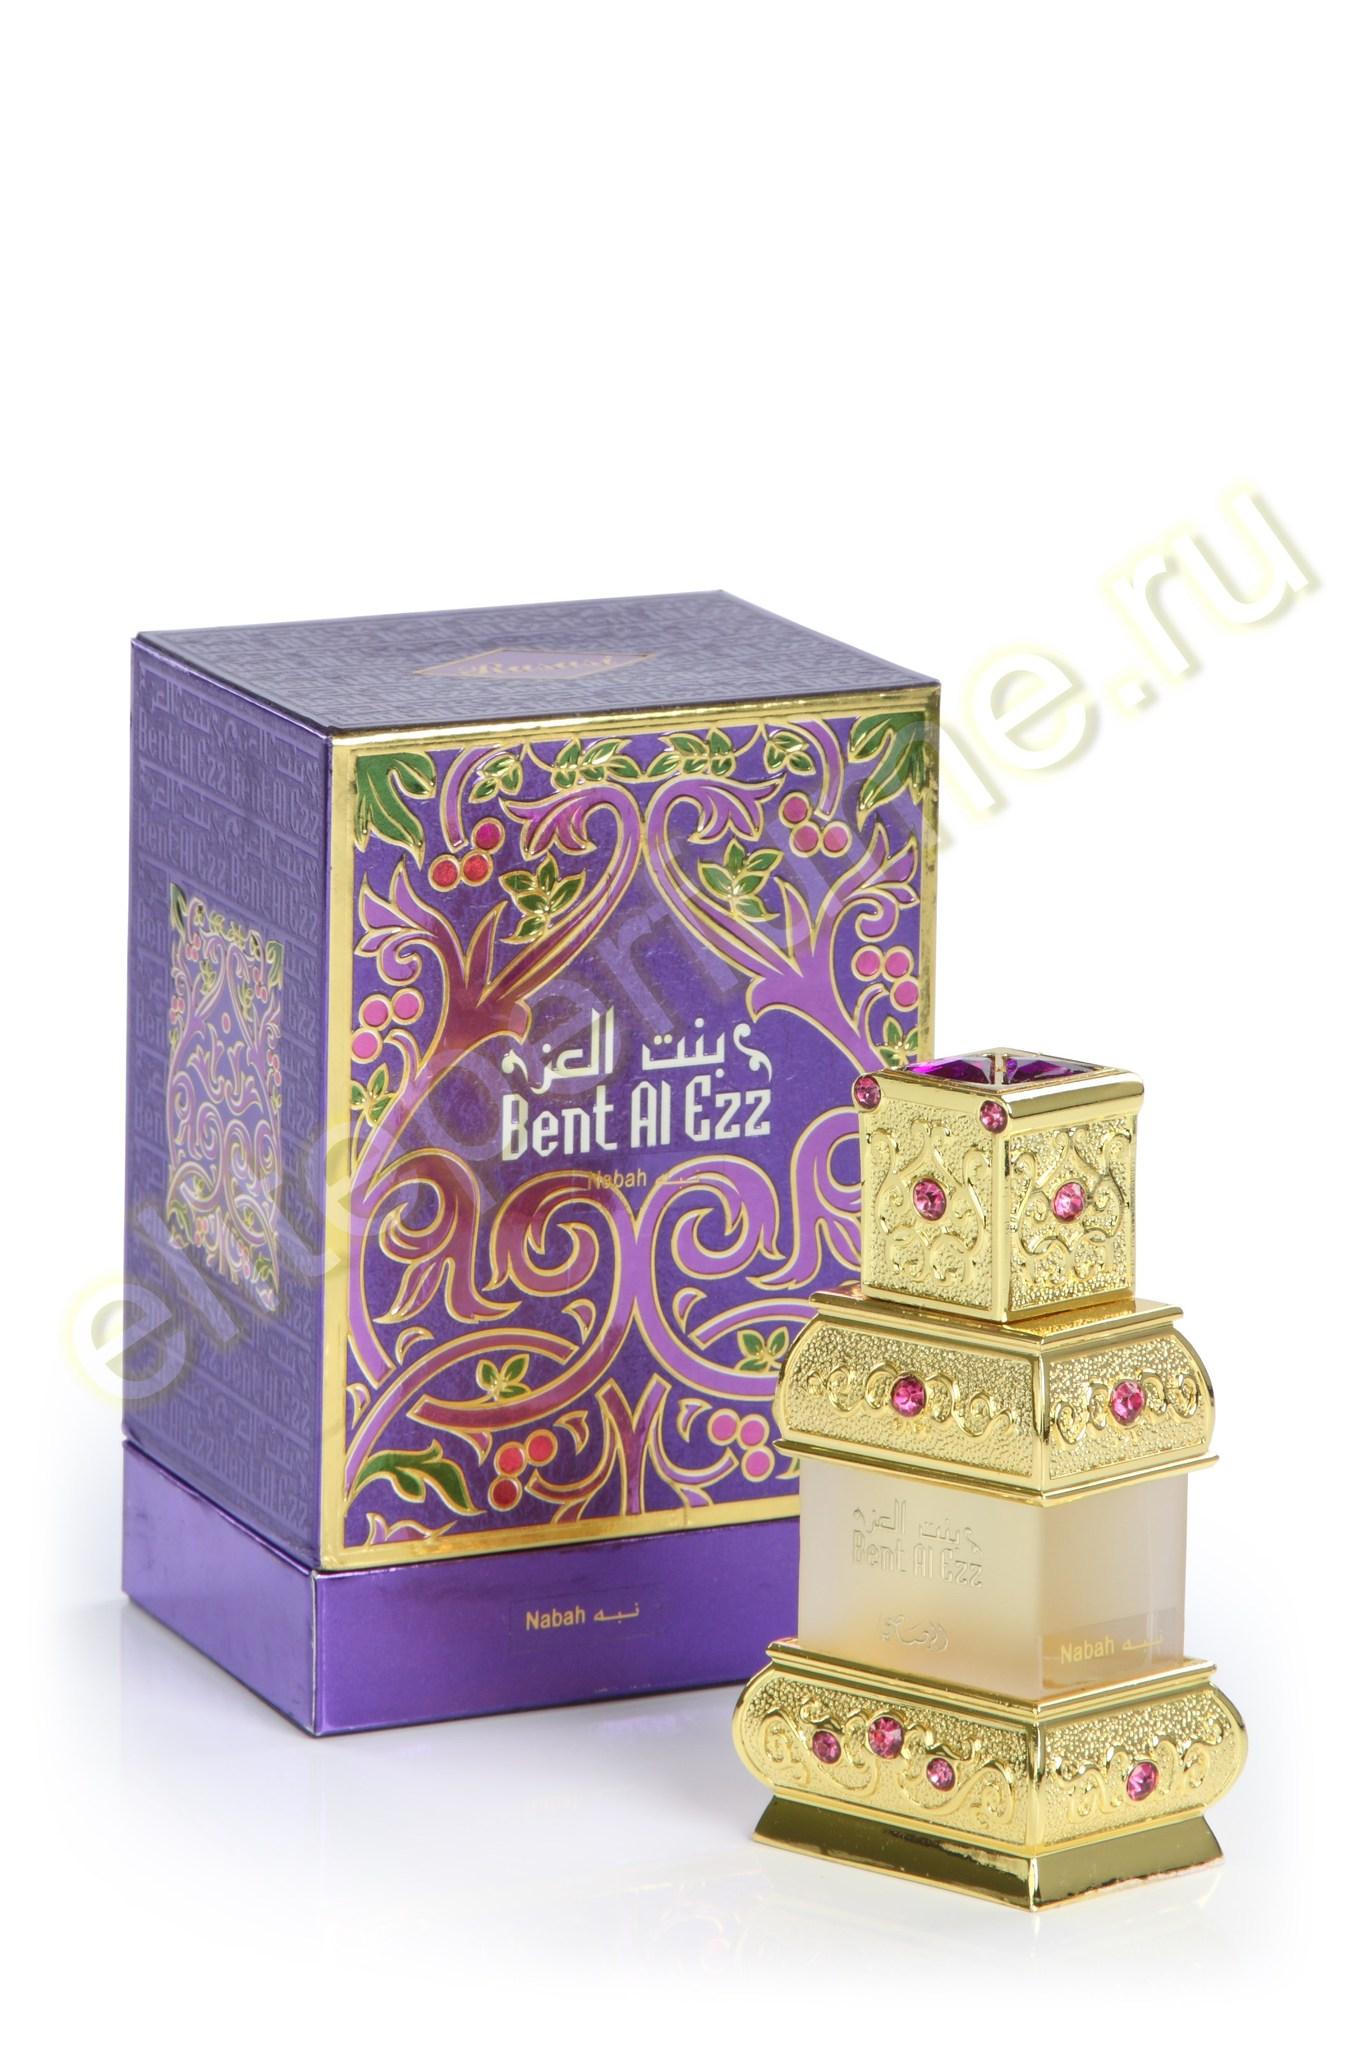 Арабские духи Бент Аль Эзз Наба Bent Al-Ezz Nabah 18 мл арабские масляные духи от Расаси Rasasi Perfumes